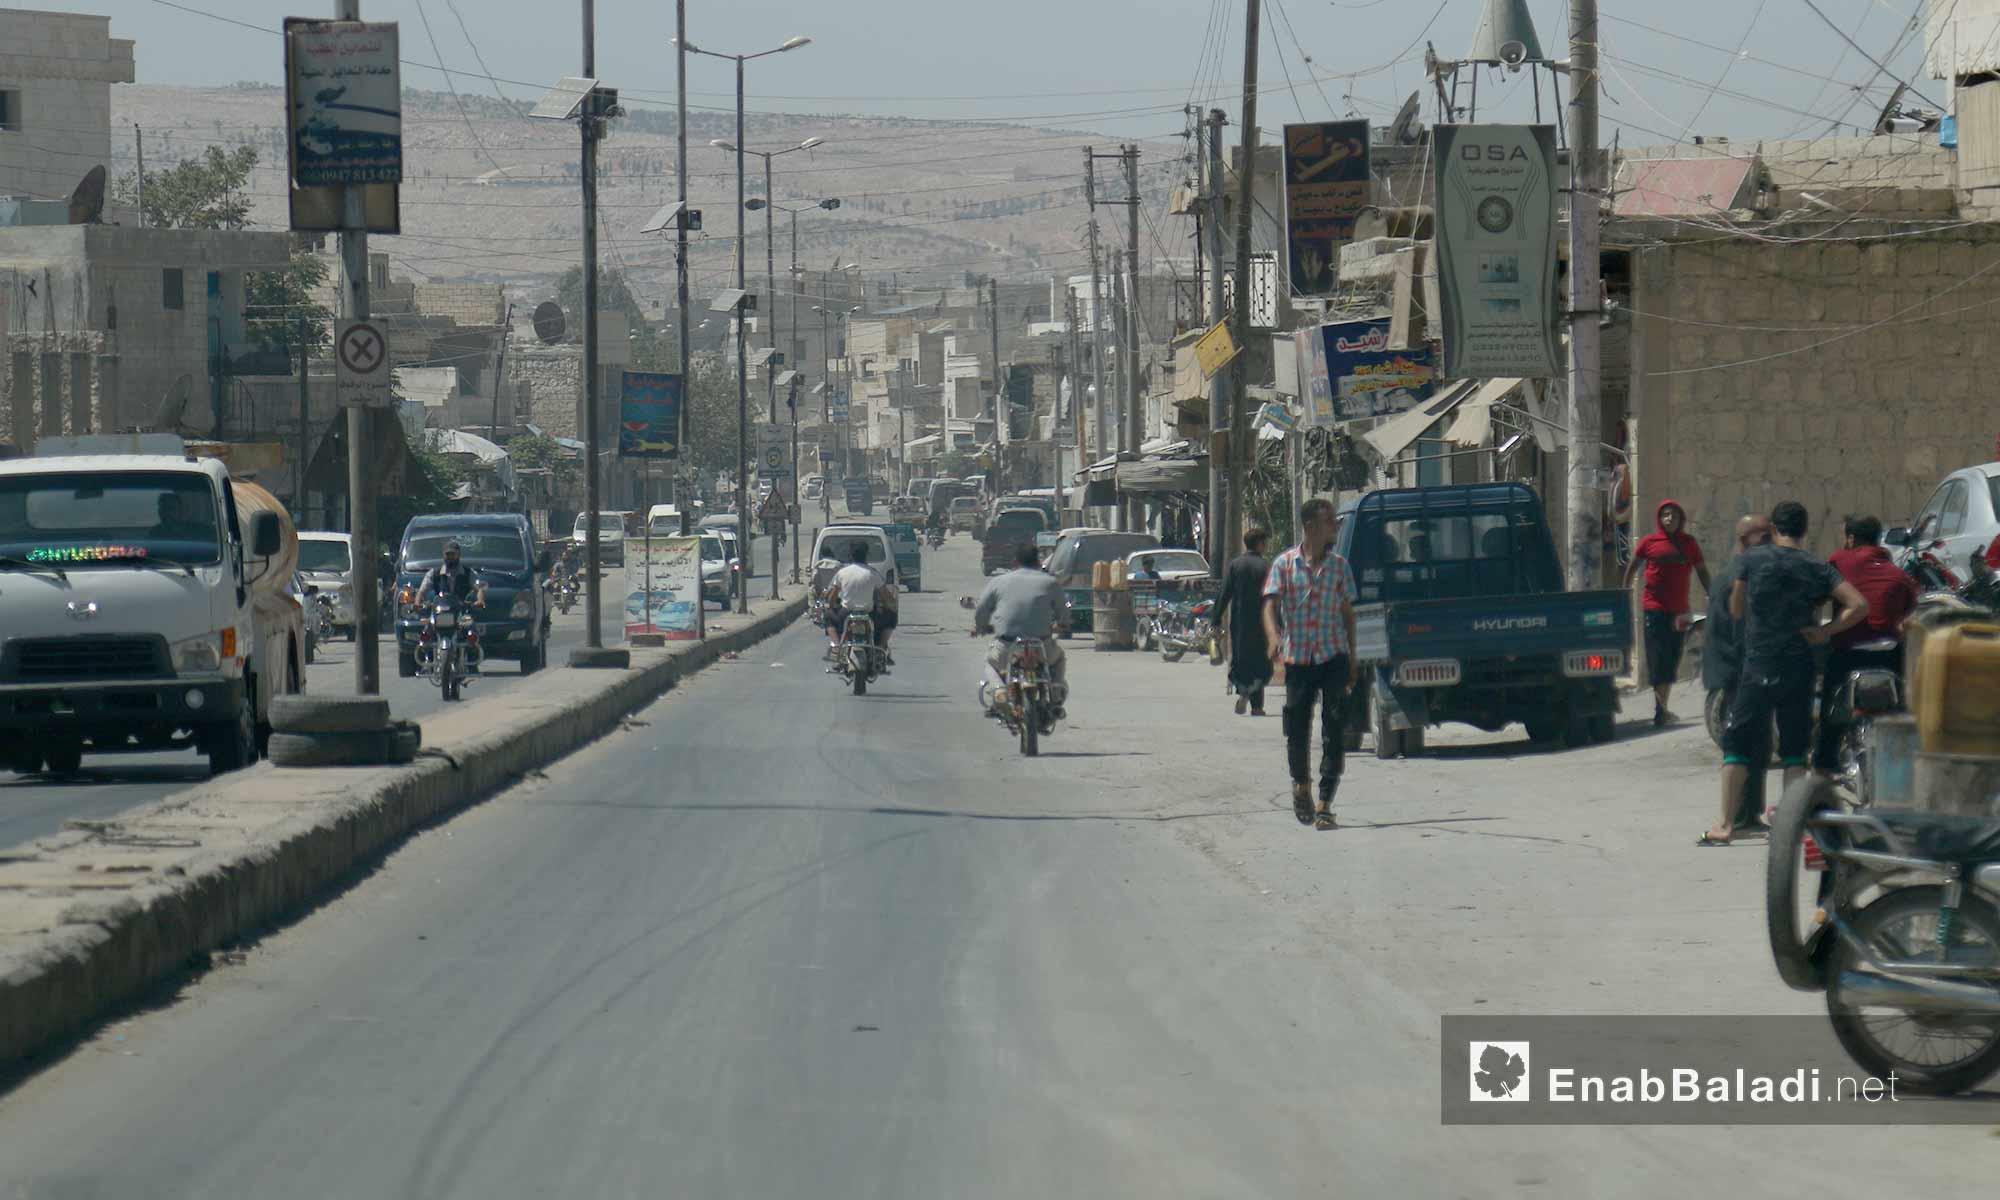 مشهد للحياة اليومية في أحد أحياء مدينة الأتارب بحلب - 3 آب 2017 (عنب بلدي)